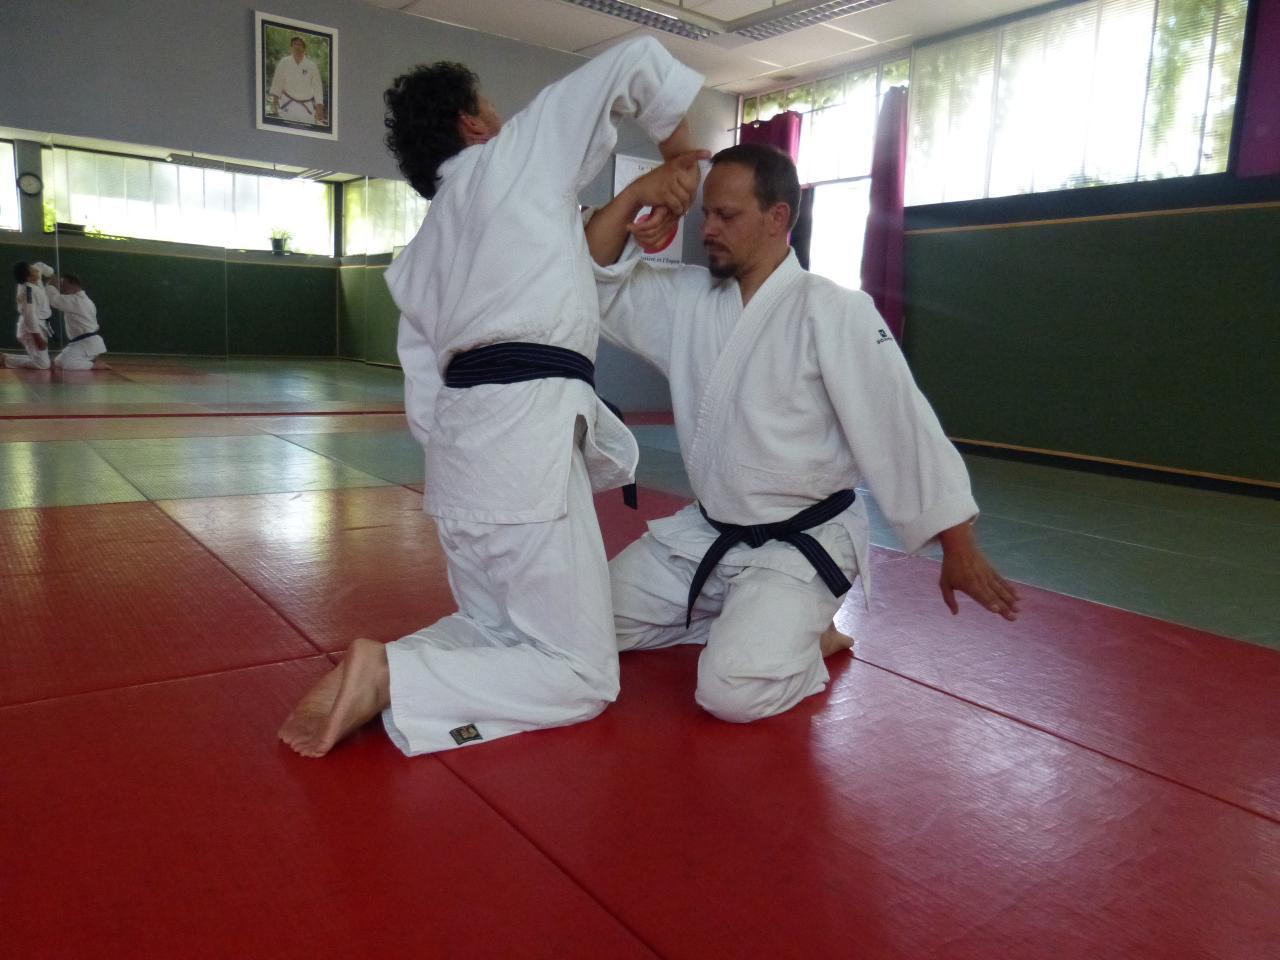 Travail kata 4 à genoux dojo Wa-Jutsu Agenais